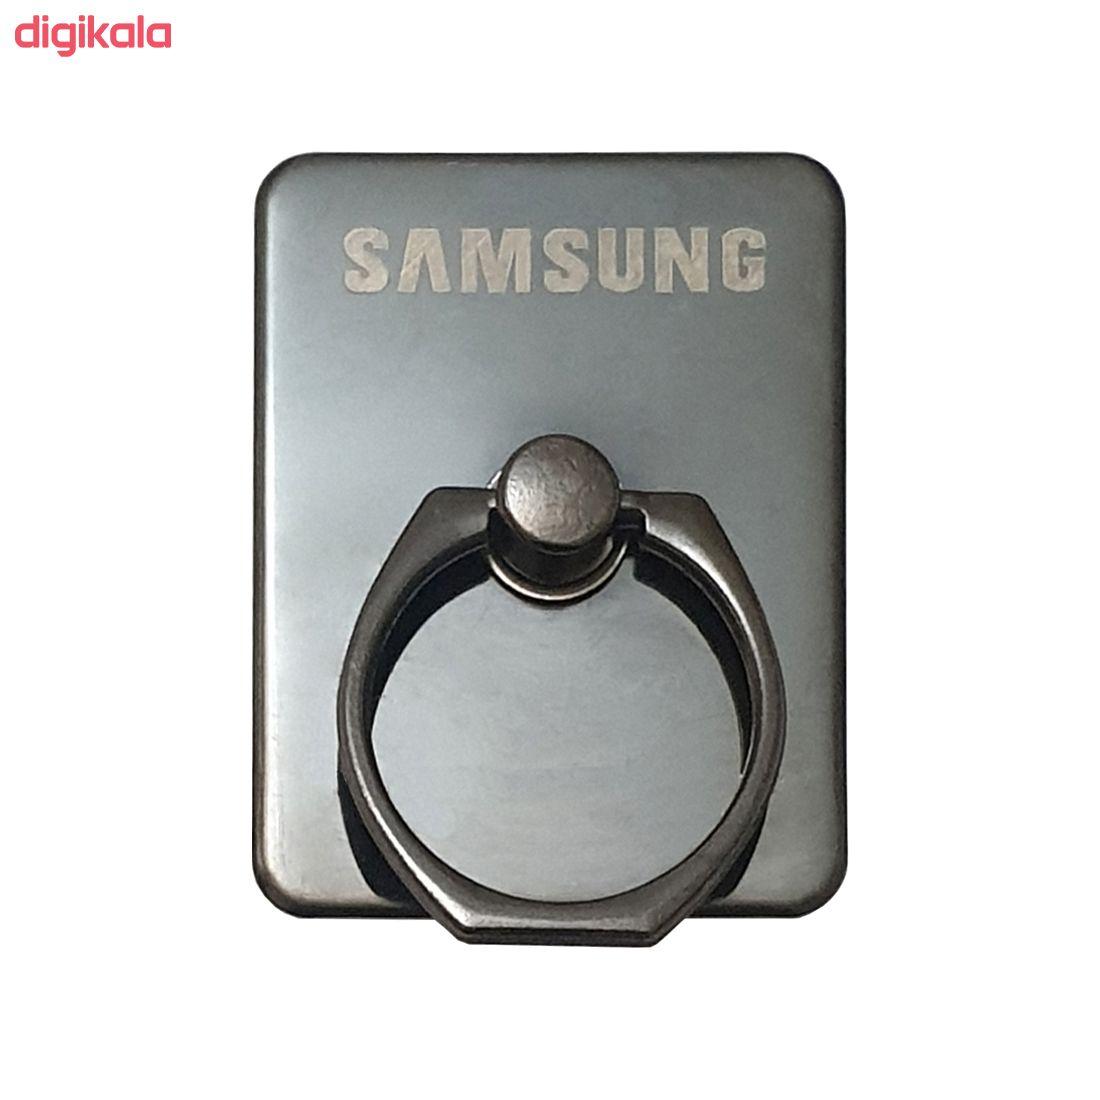 حلقه نگهدارنده گوشی موبایل سامسونگ مدل RNG-01 main 1 3